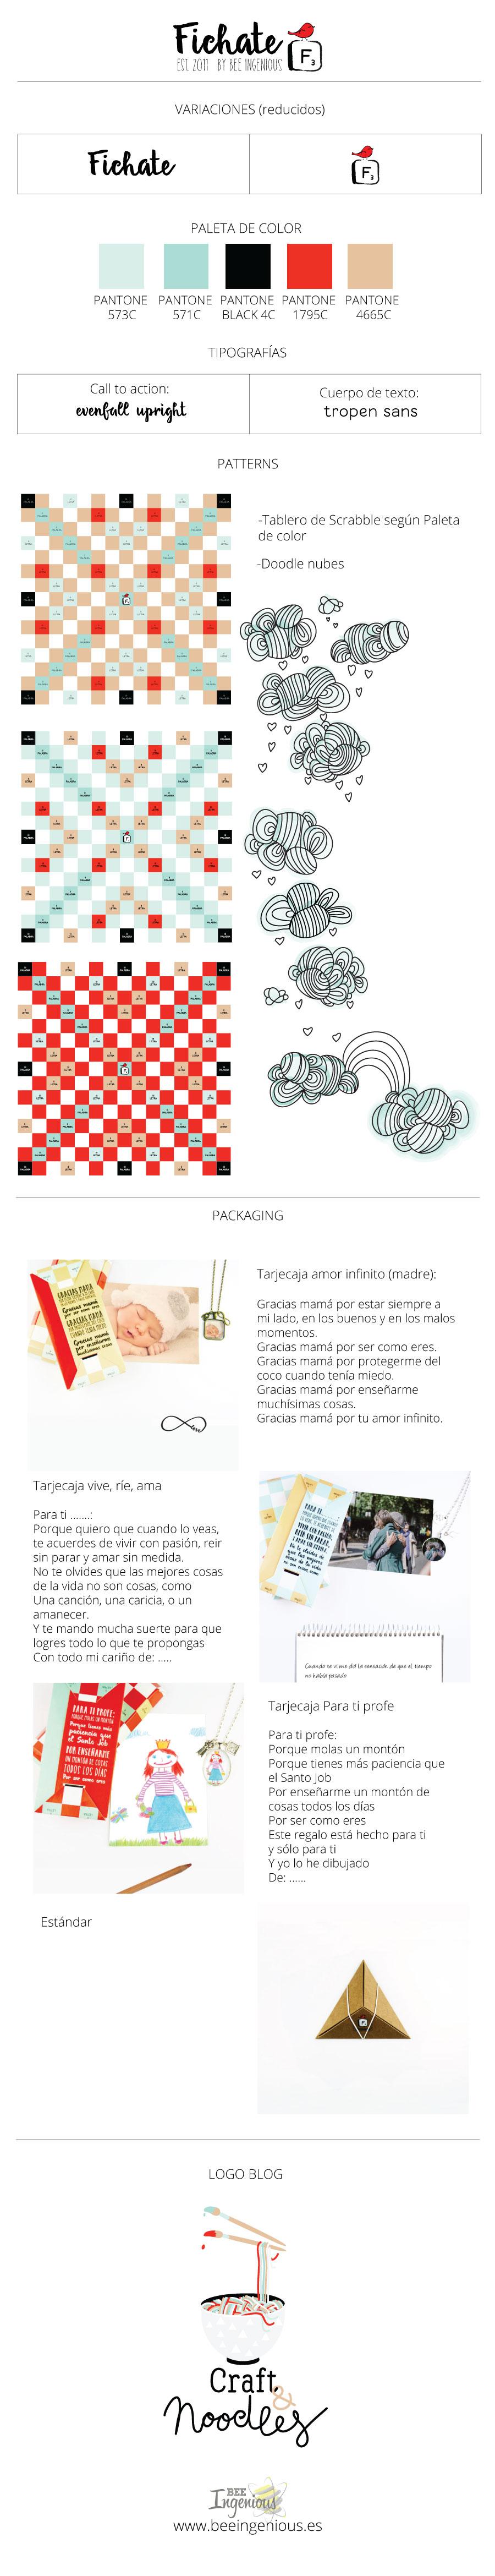 Imagen corporativa Fichate por Bee ingenious